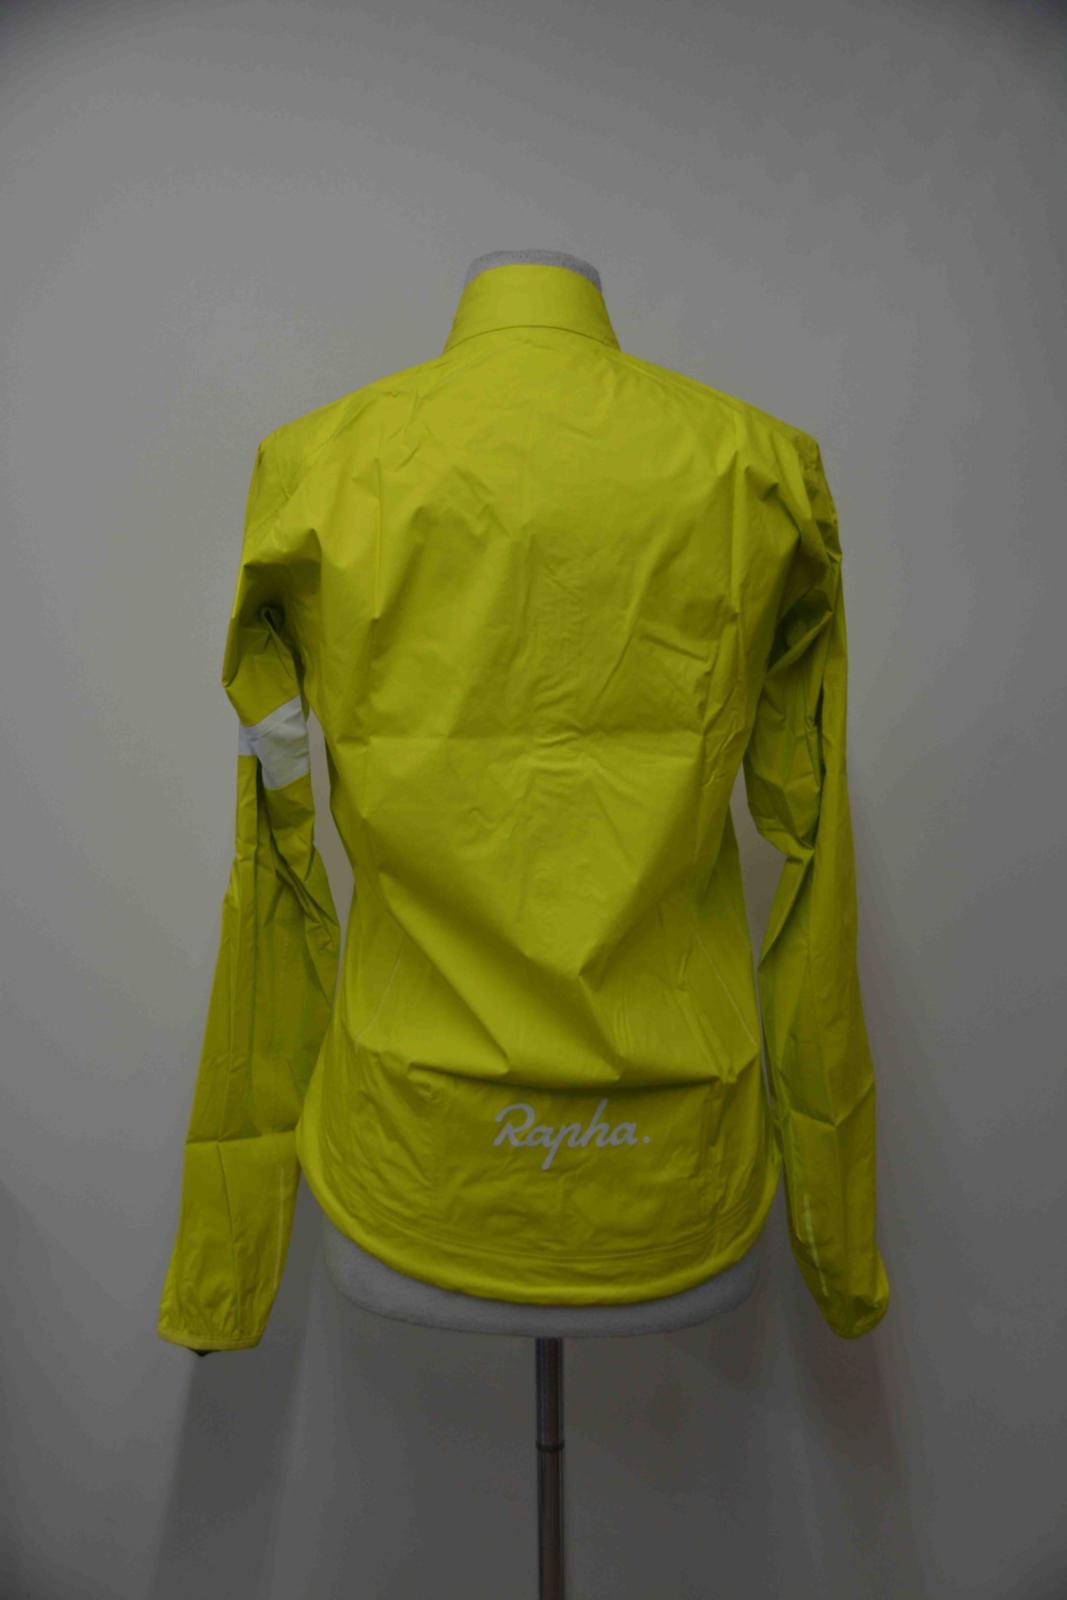 RAPHA Femme Jaune Fermeture Zippée Devant Ventilé Cyclisme Core Veste Imperméable II S nouveau